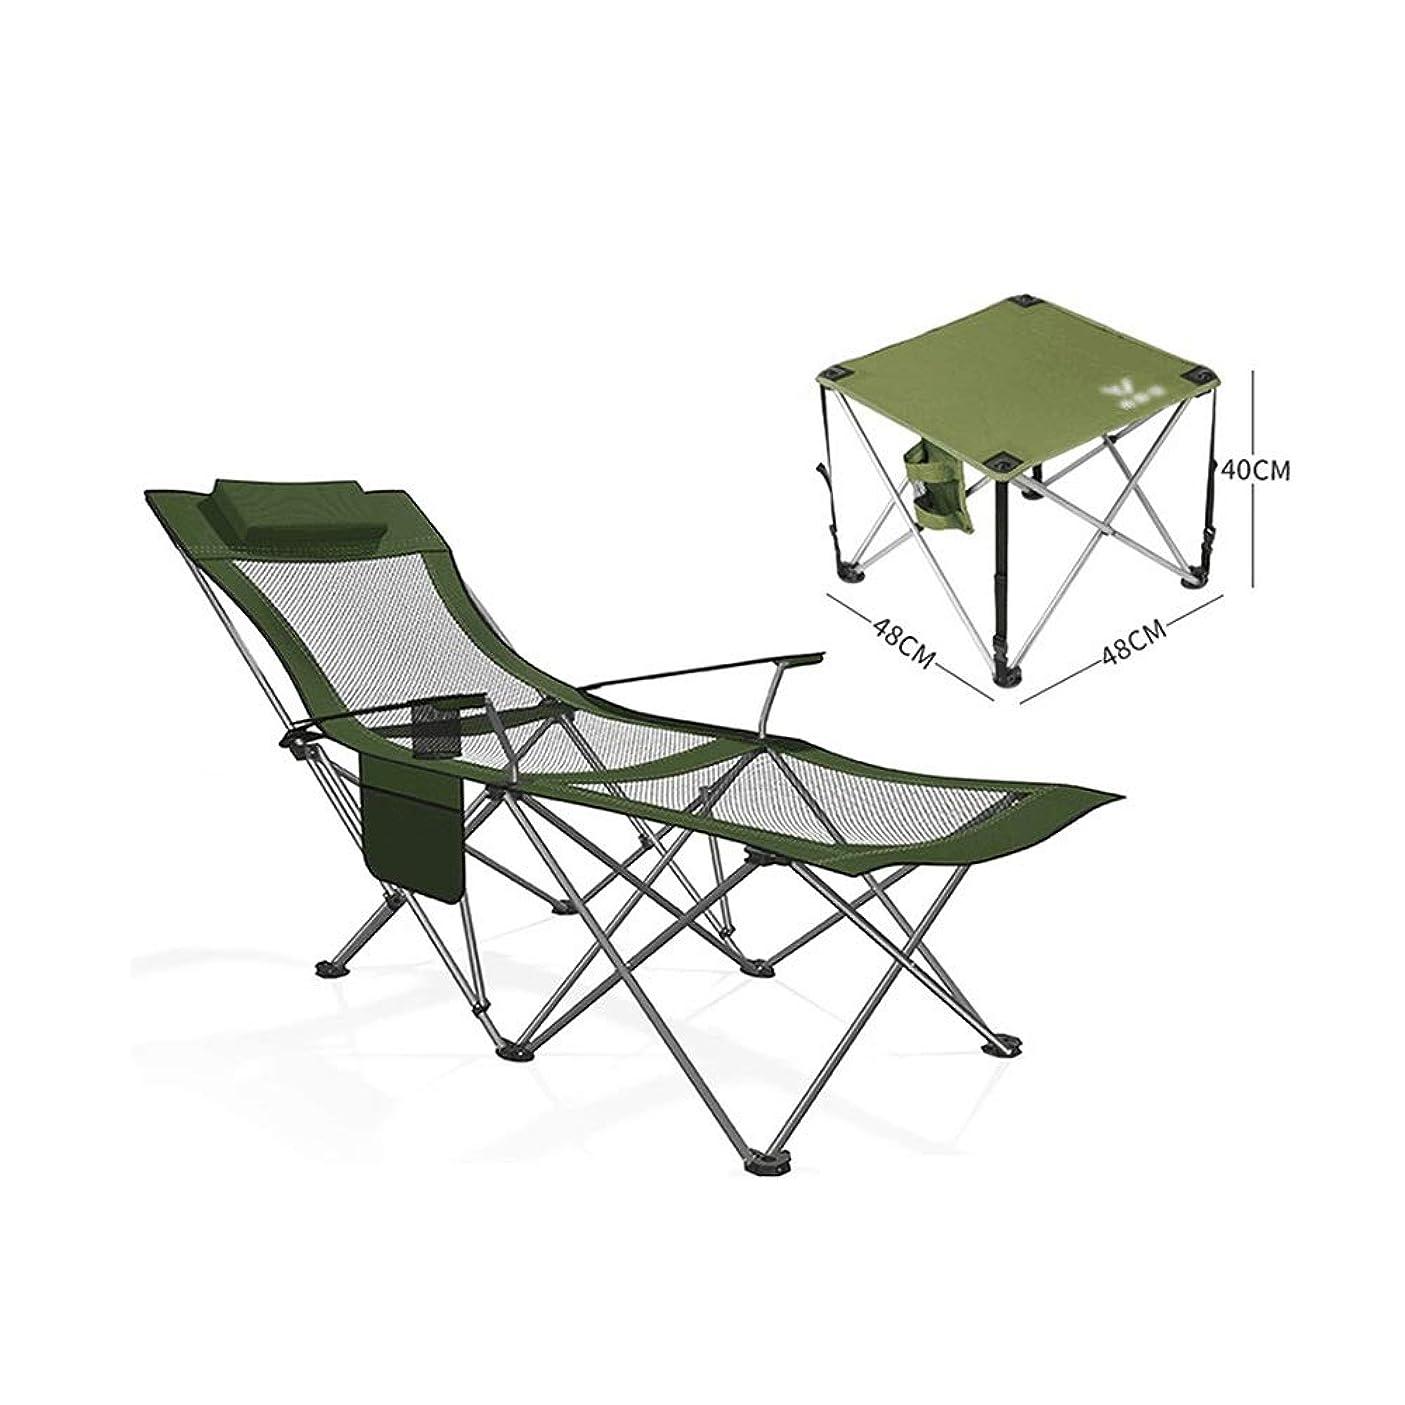 モーテルグリーンバック思いやりのあるHPLL ラウンジチェア キャンプ キャンプリクライニングチェア、屋内昼寝怠惰なレジャーチェア屋外キャンプガーデンサンデッキリクライニングチェア用ヘッドレスト付きポータブルキャンプチェア、90°-145°調整可能 折りたたみ式ベッド ビーチチェア (Color : D, Size : 170x58x70cm)